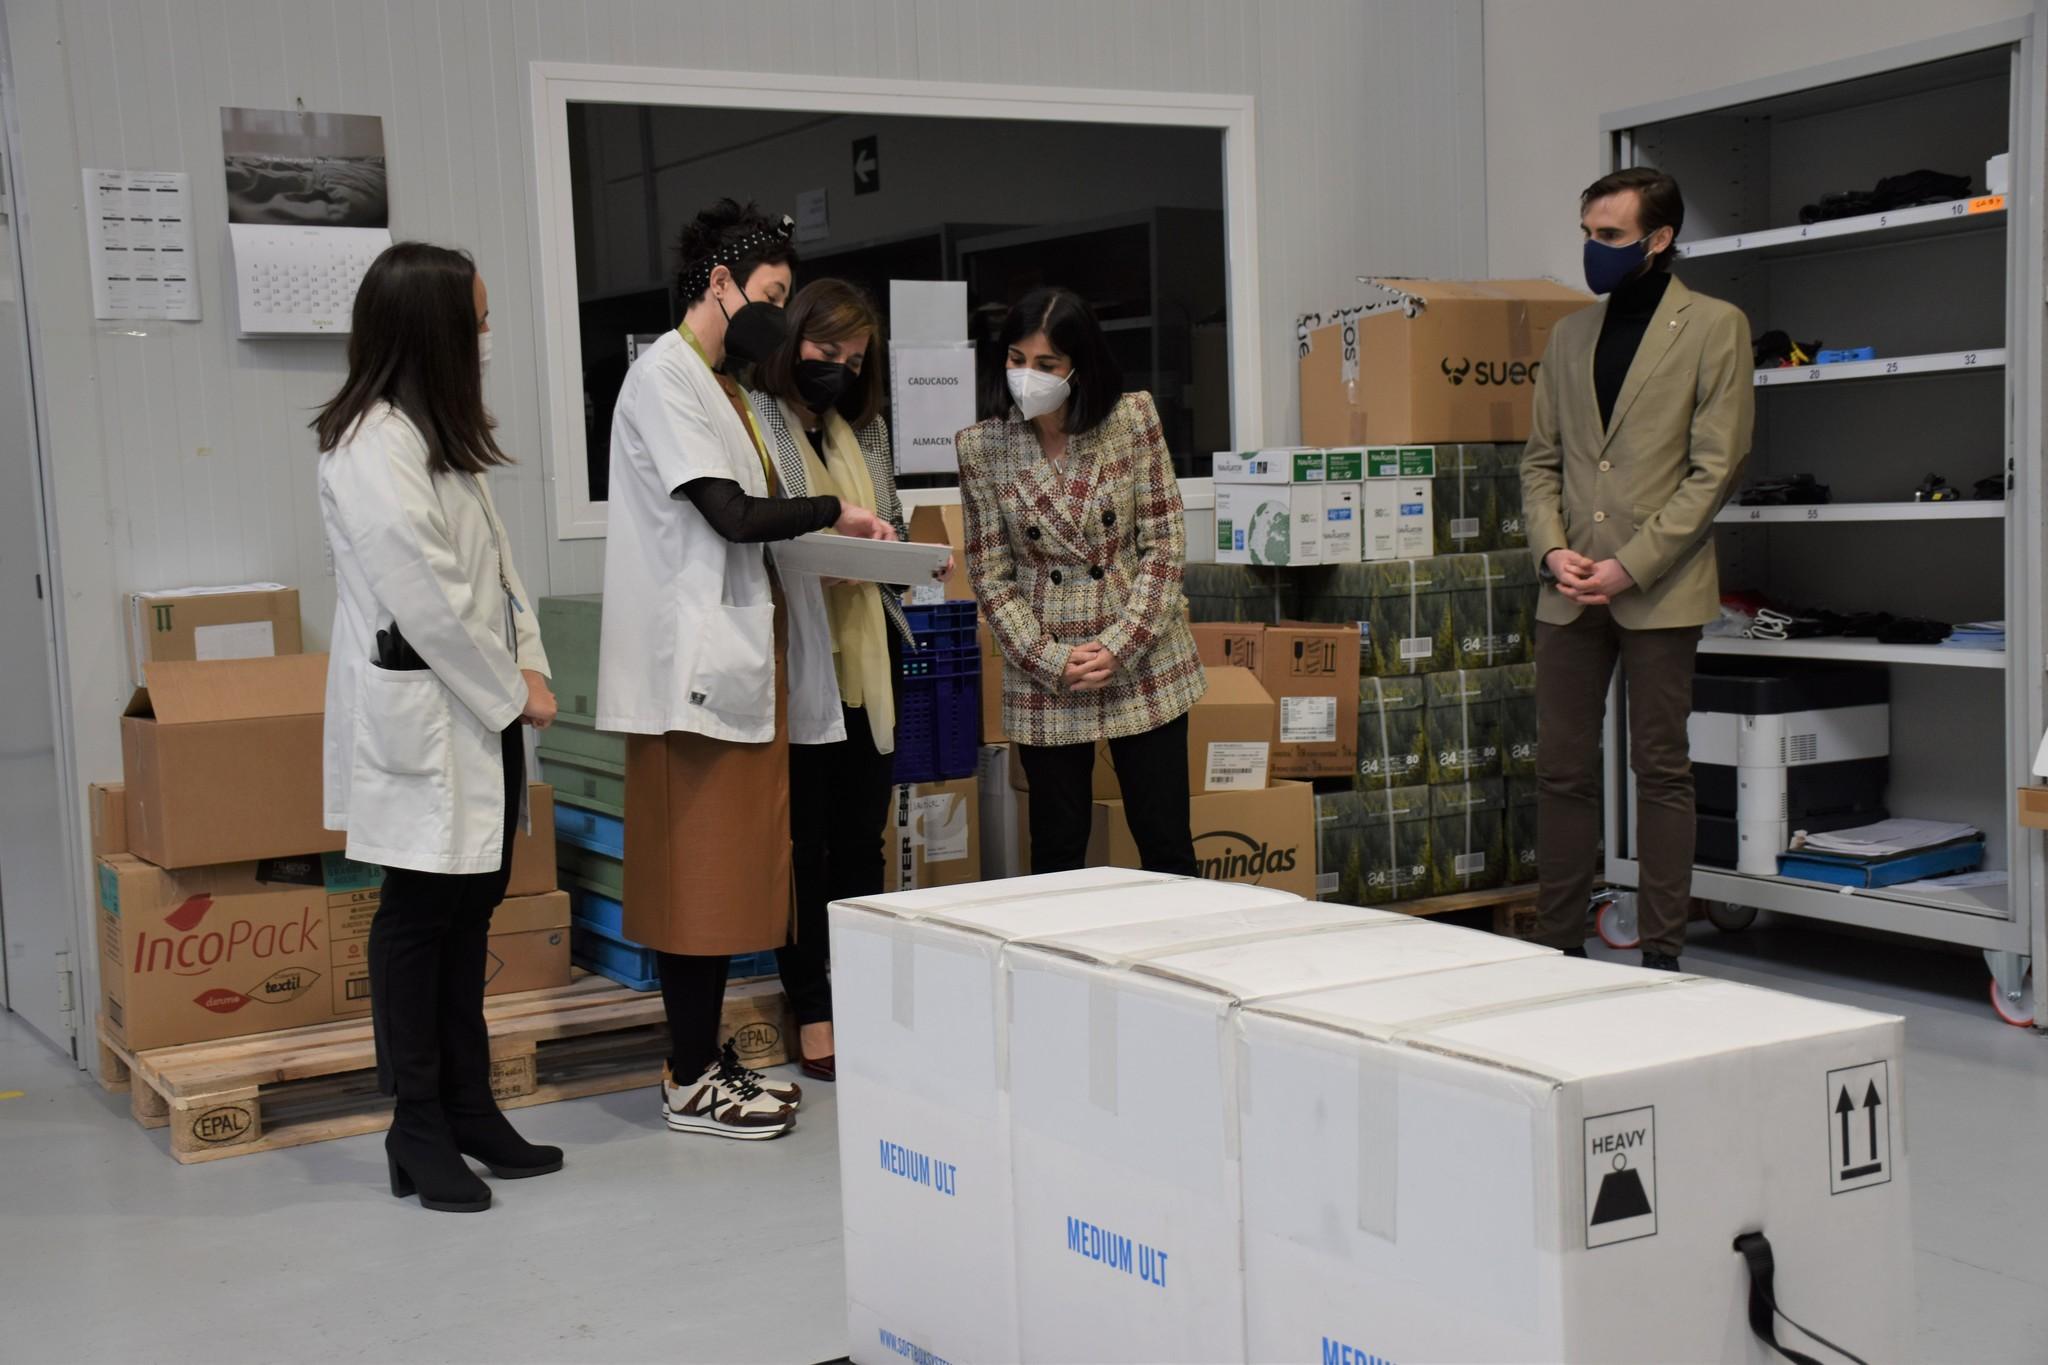 La ministra de Sanidad, Carolina Darias, recibe un nuevo envío de vacunas de Pfizer contra el Covid.